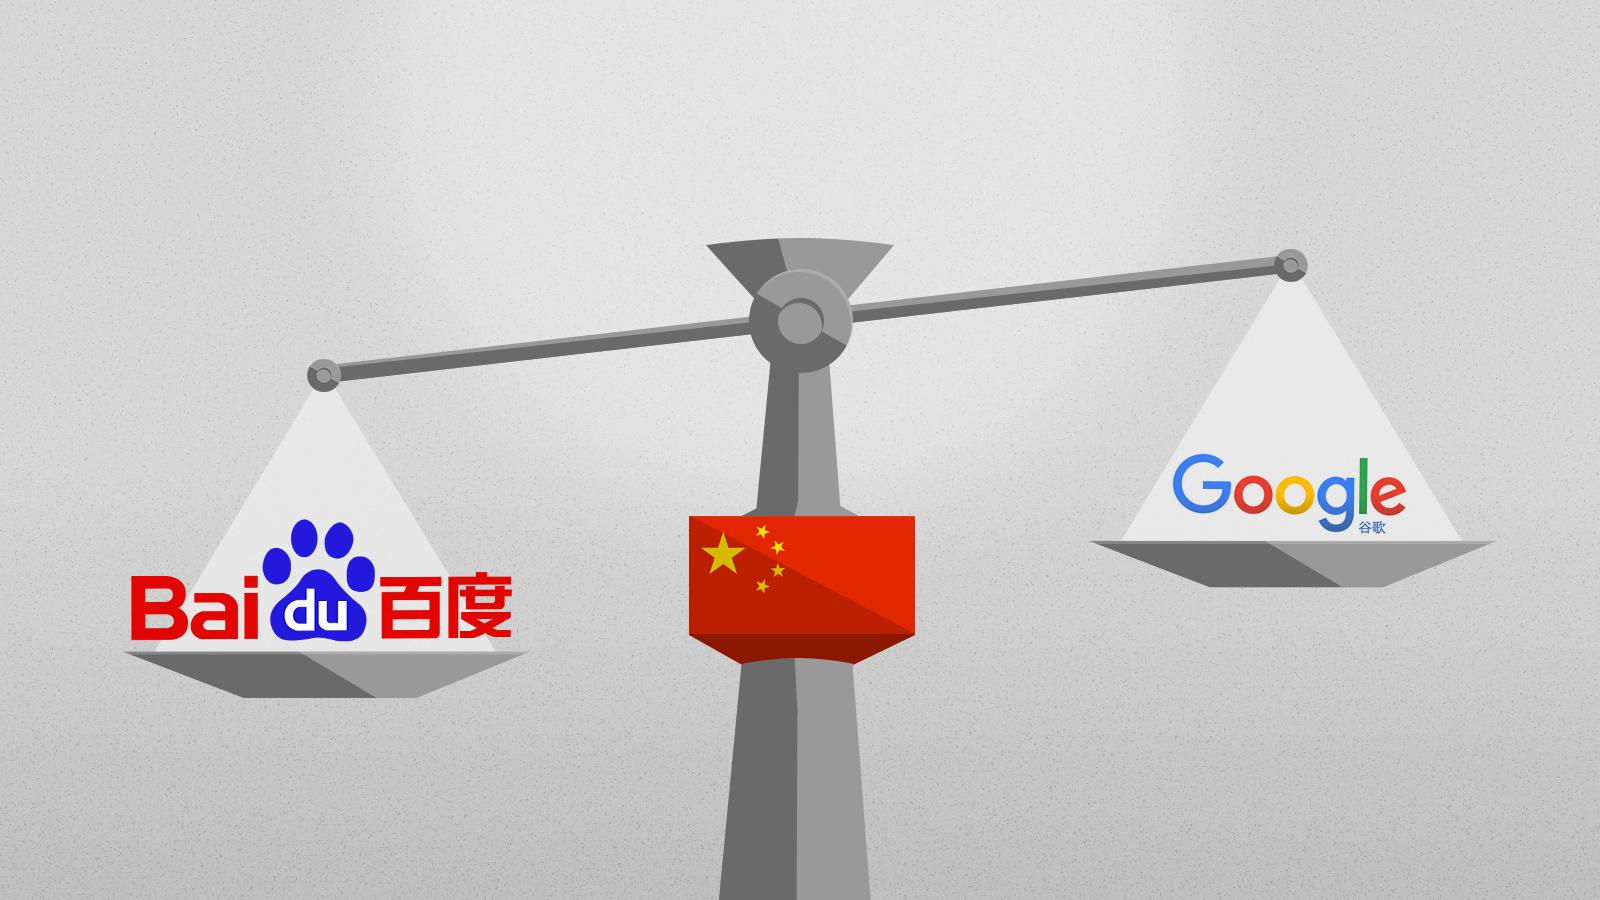 Baidu против Google в Китае: кто кого?